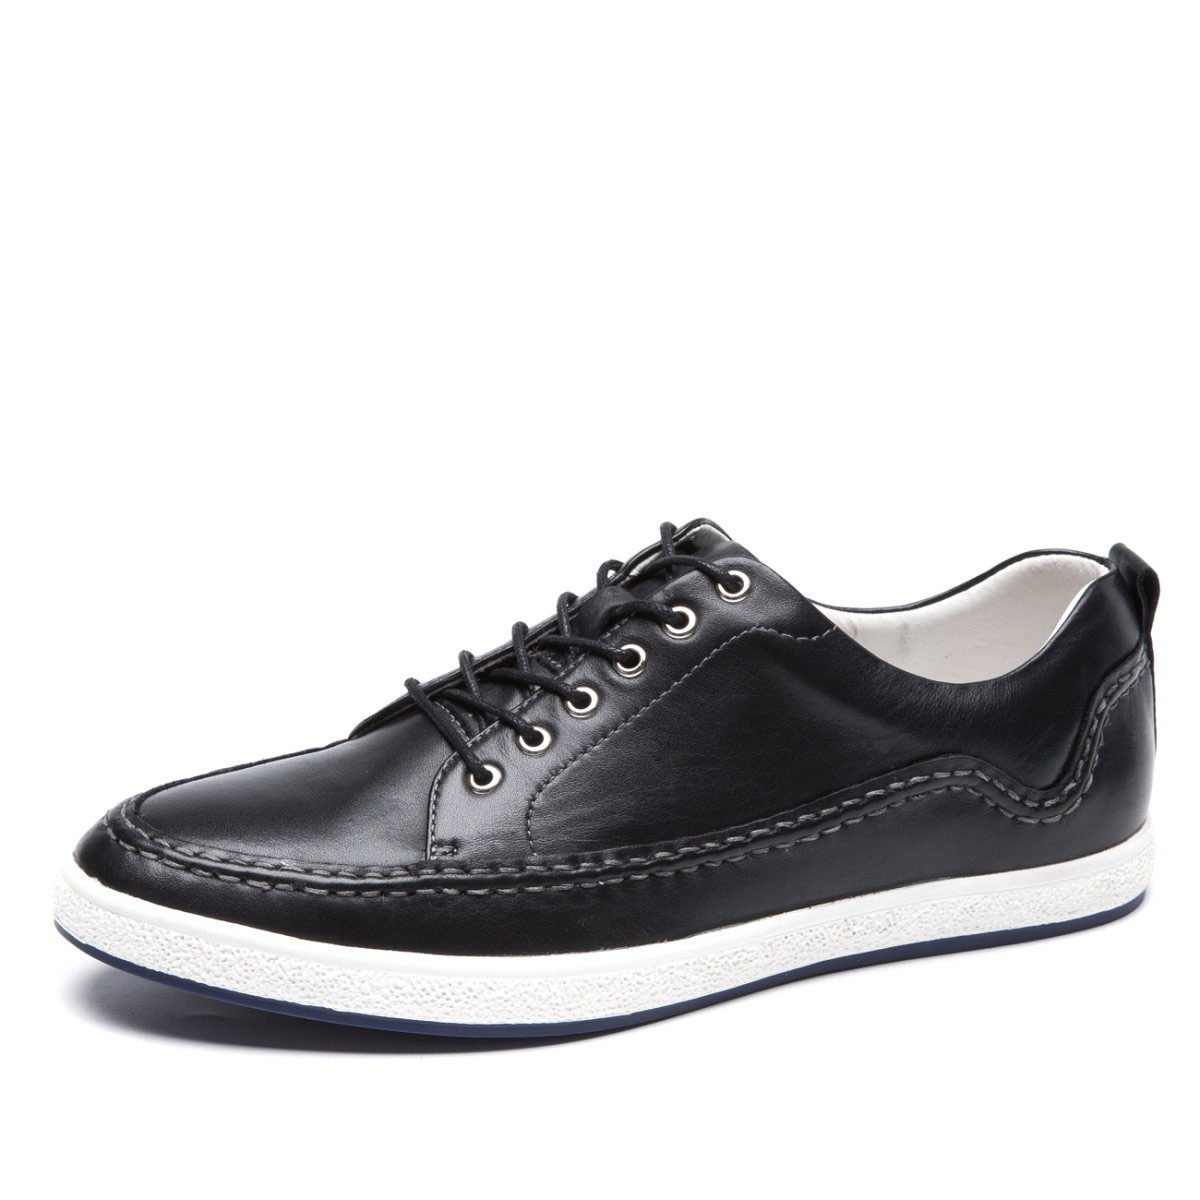 Gran De Los Hombres Zapatos Casuales Zapatos De Cuero De Los Hombres Zapatos De última Moda Zapatos De Los Hombres Jóvenes 41|Black